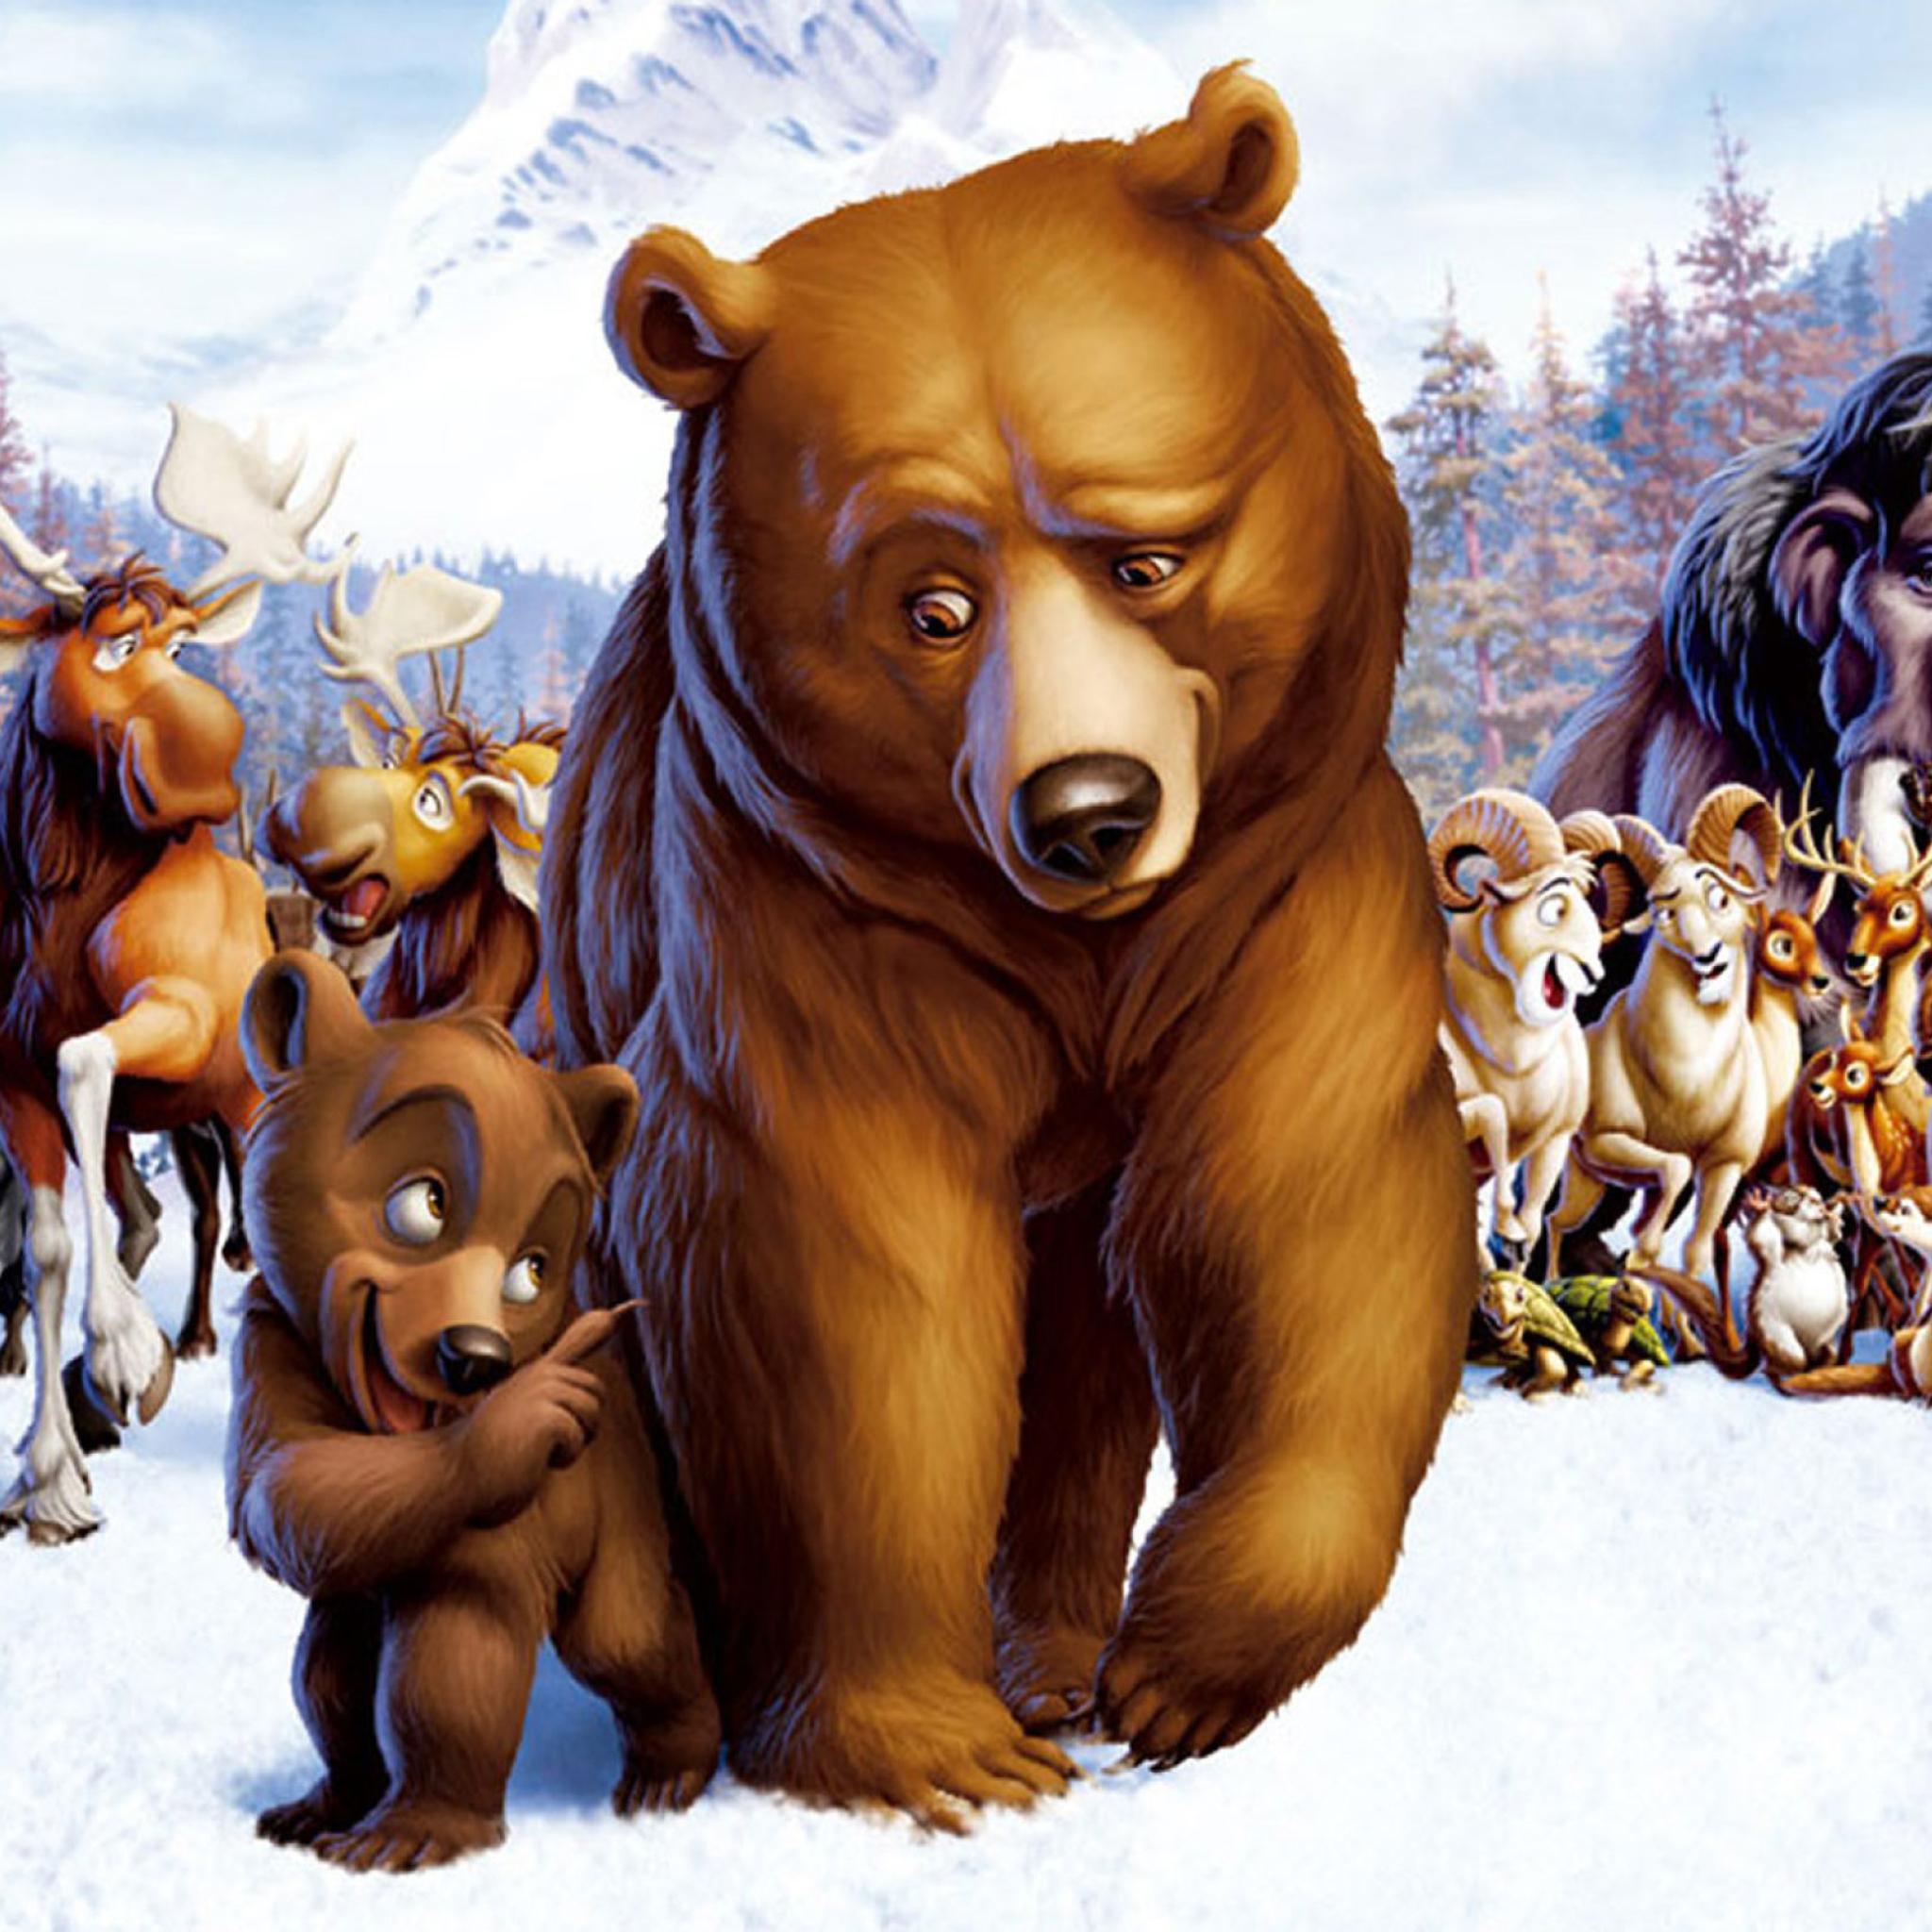 Цветами для, картинки с мультяшными медведями